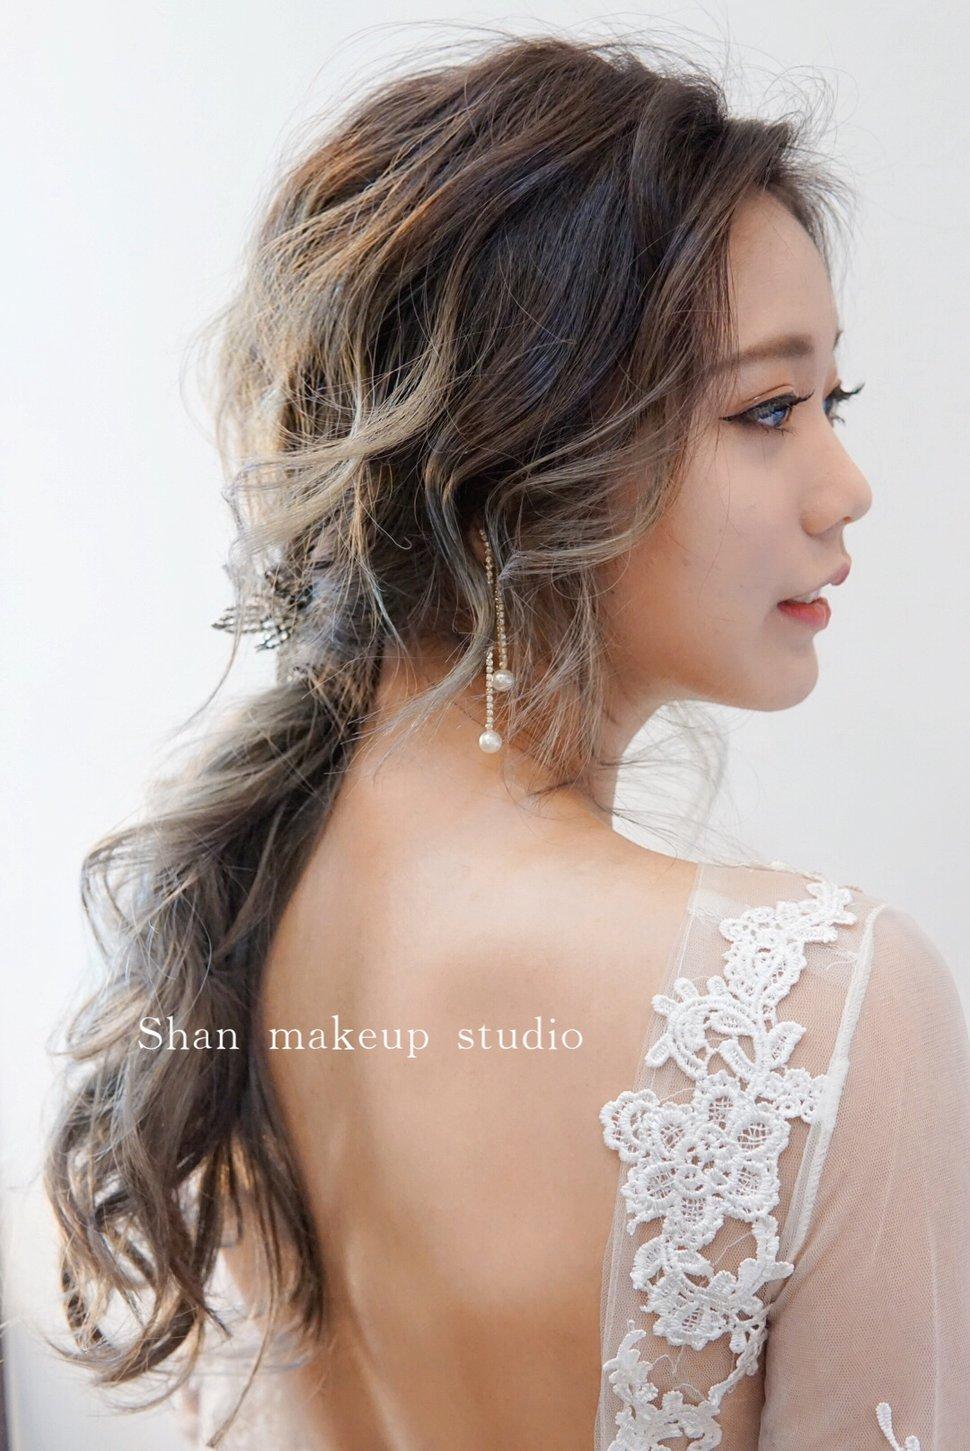 IMG_0971 - 湘翎Shan Makeup studio《結婚吧》